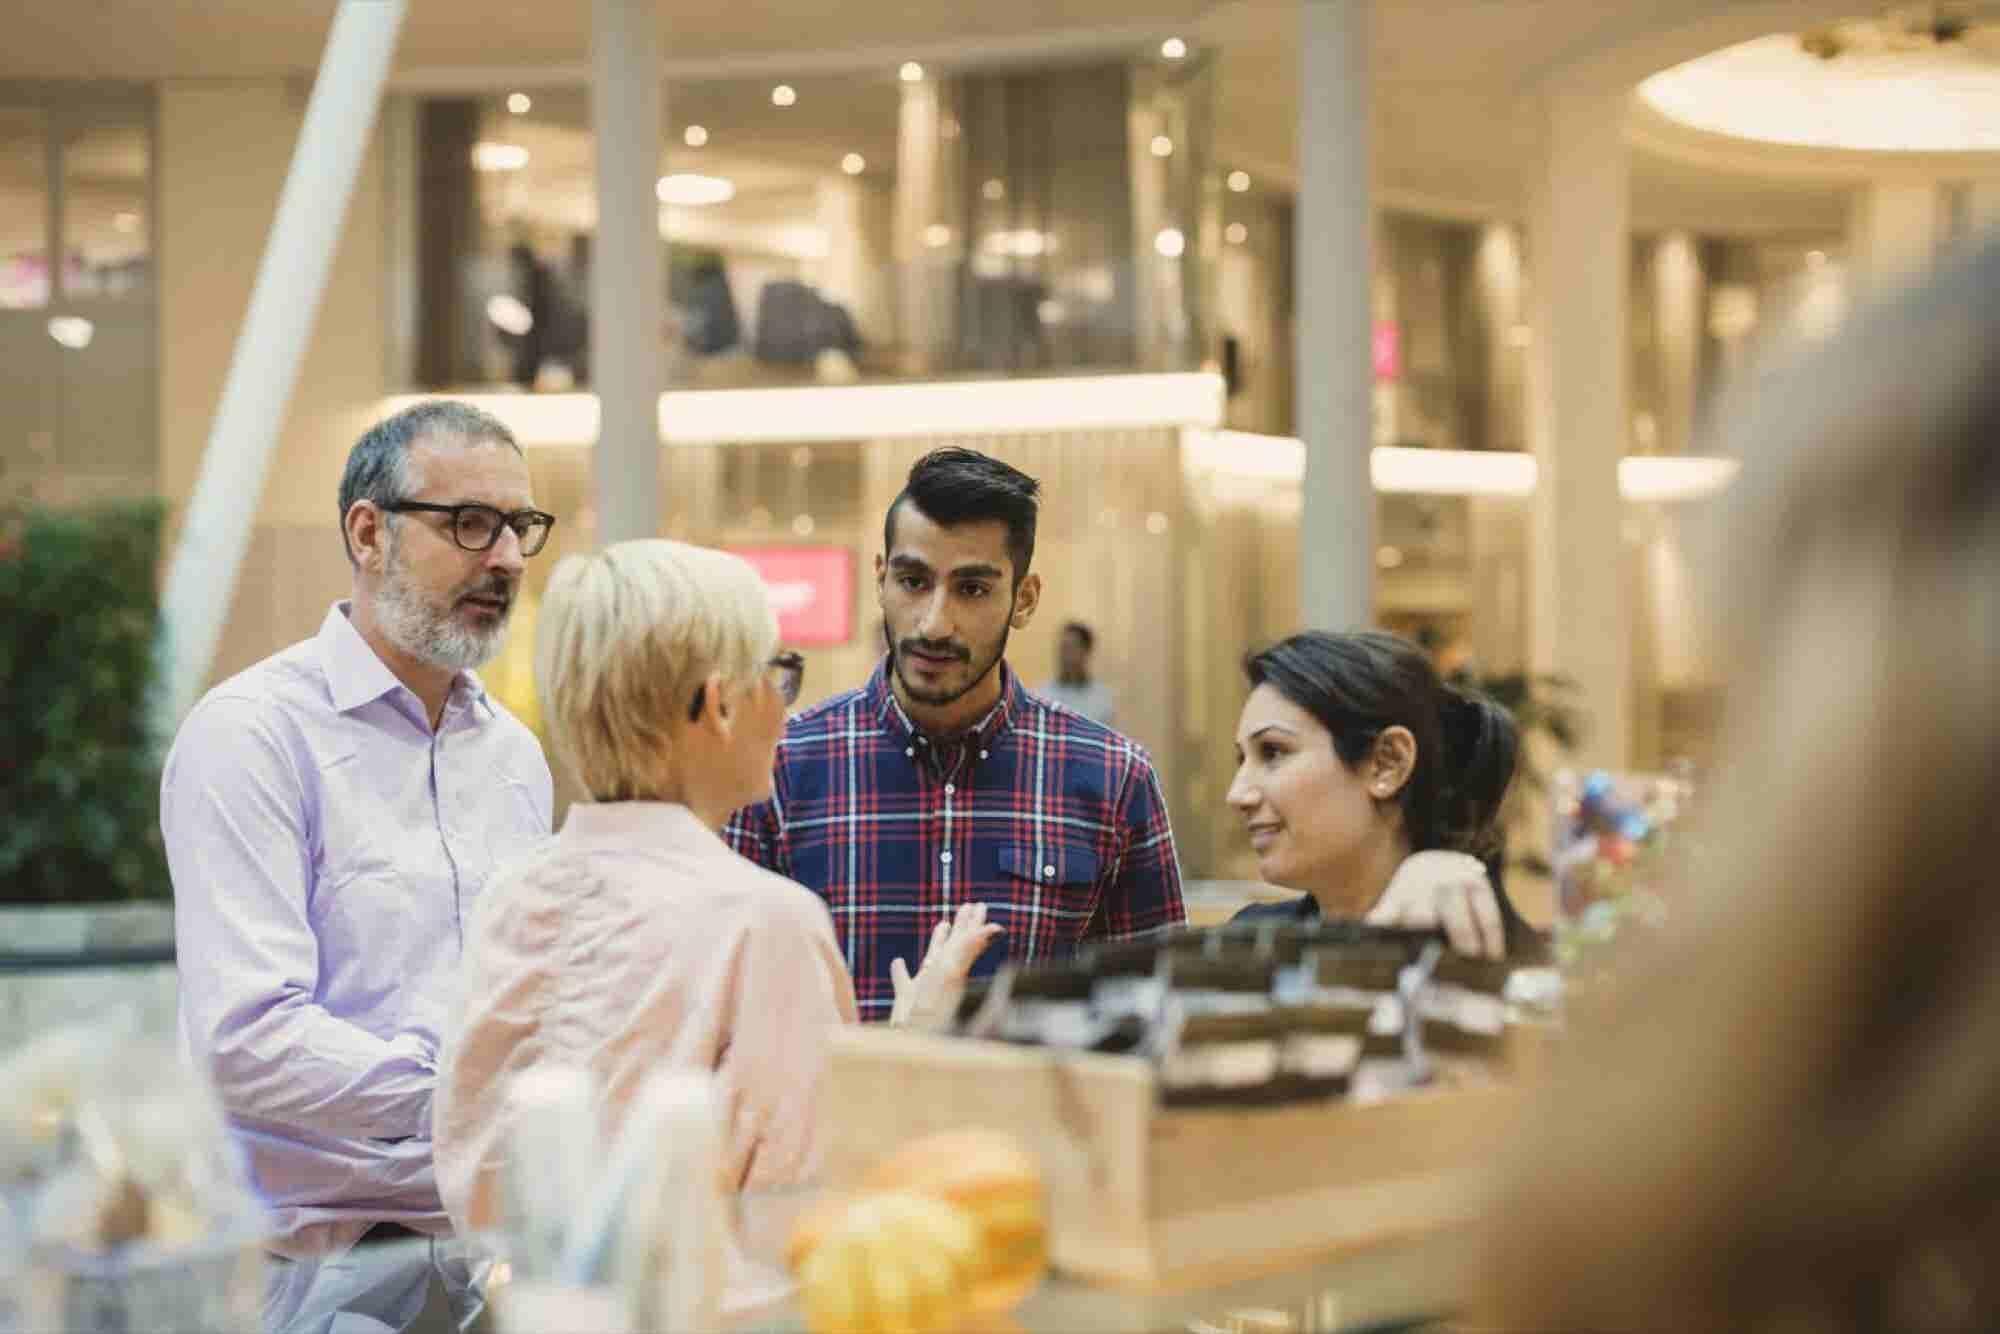 4 Tasks Successful Leaders Should Delegate